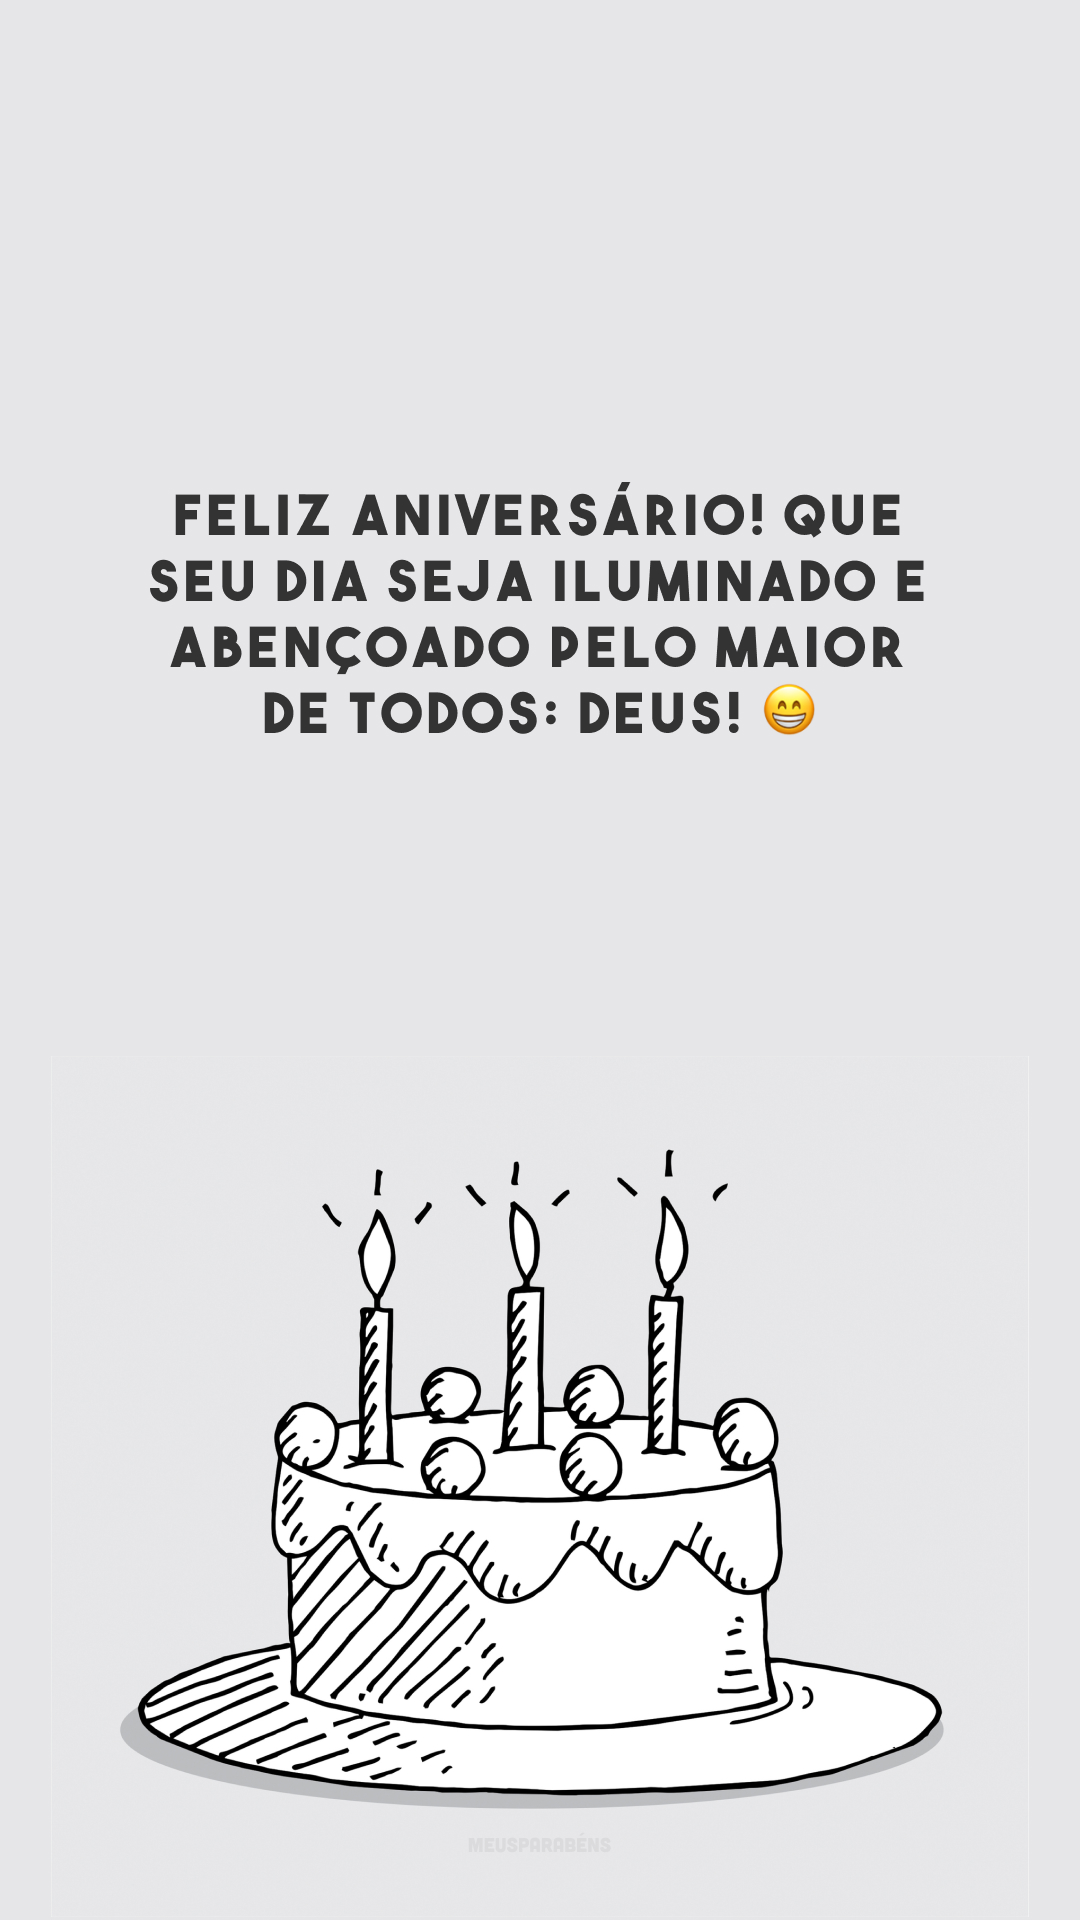 Feliz aniversário! Que seu dia seja iluminado e abençoado pelo maior de todos: Deus! 😁